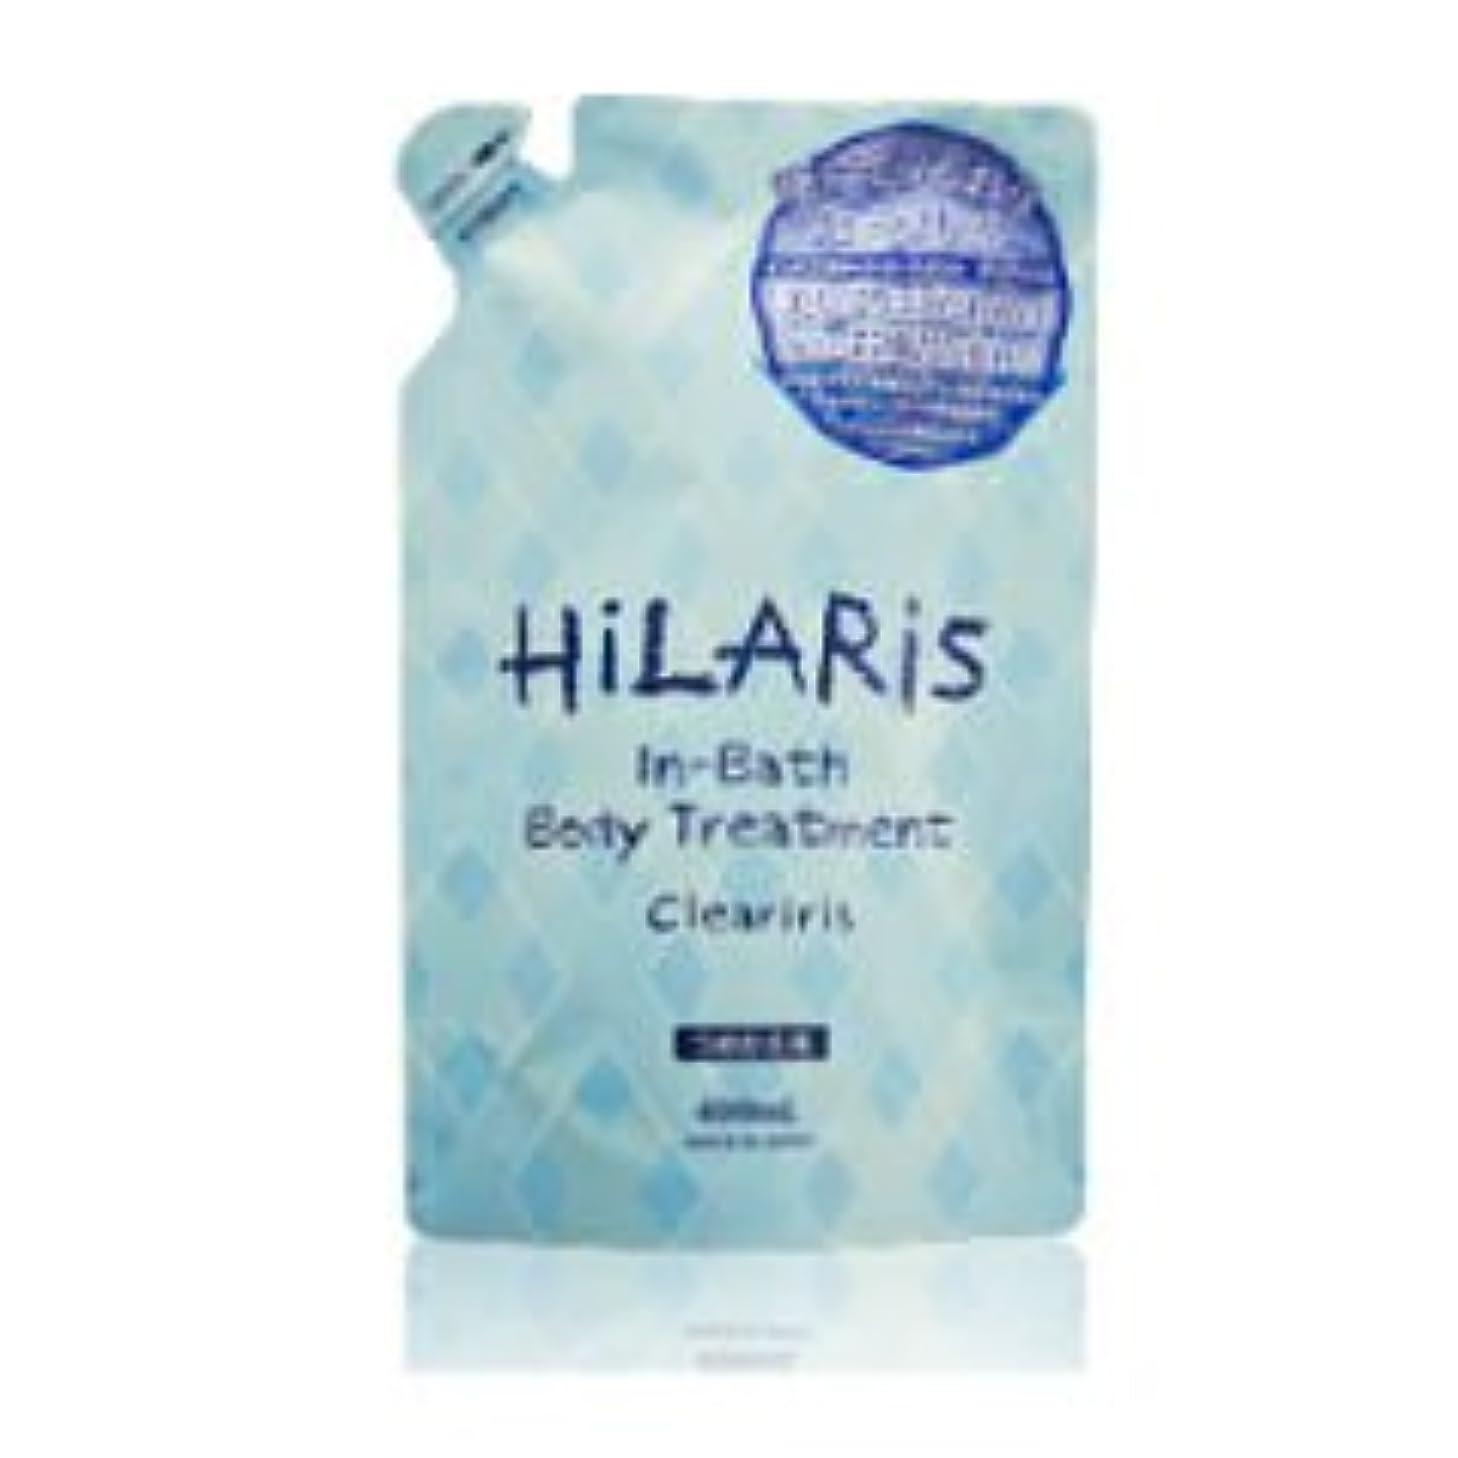 克服する書き出すバイバイヒラリス(HiLARiS)クリアイリスインバスボディトリートメント詰替